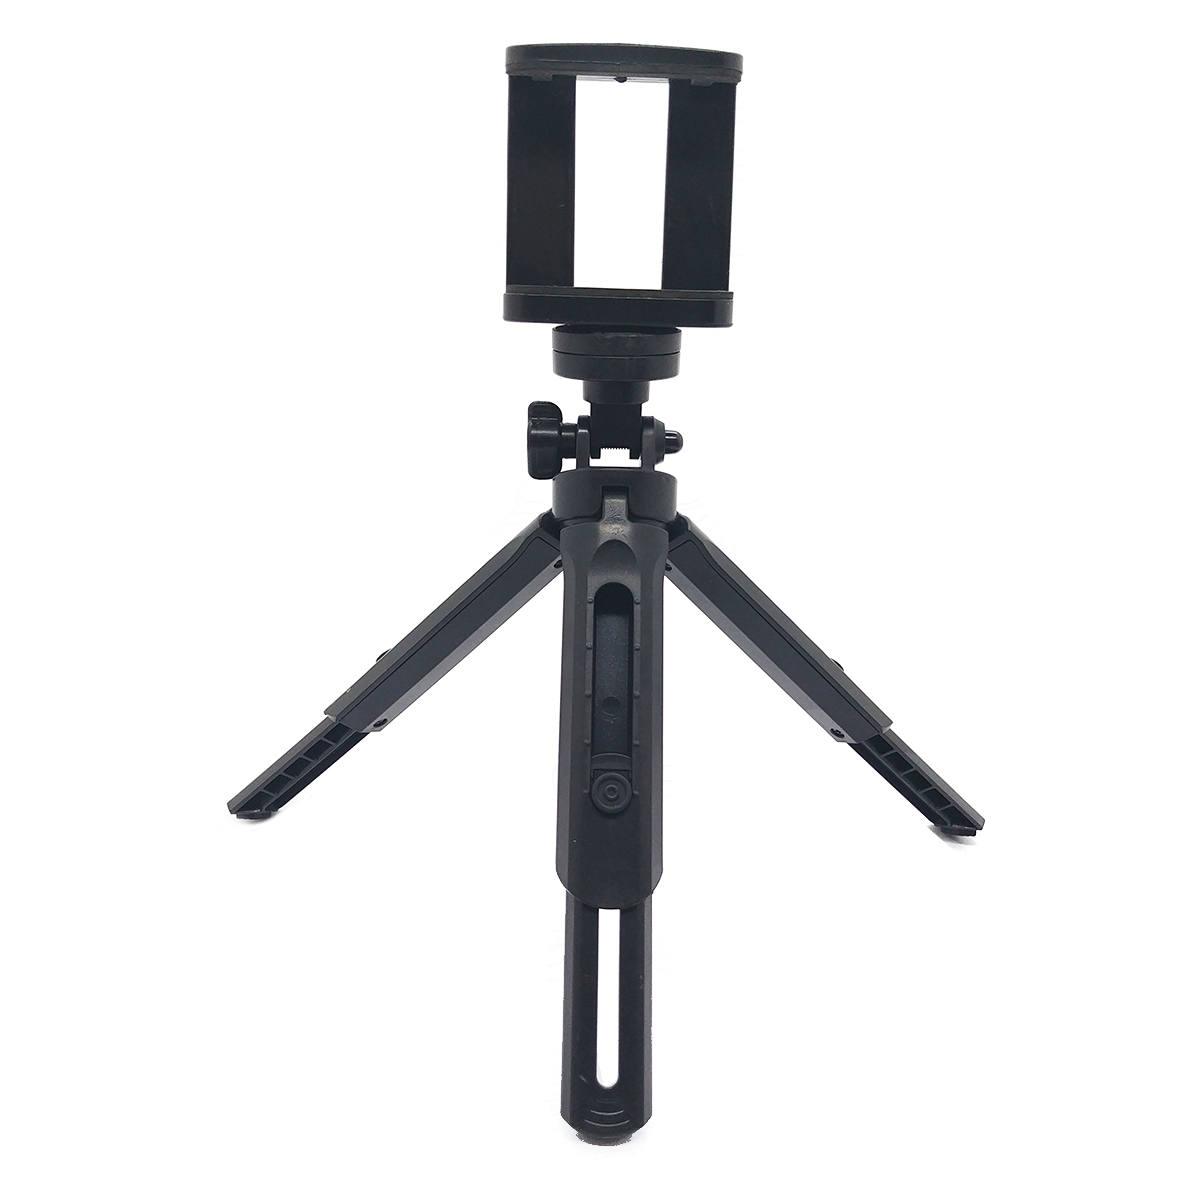 Tripe de Mesa para Celular com Regulagem de Altura até 26cm Rotação 360º Suporte p/ Modo Horizontal e Vertical JBK518